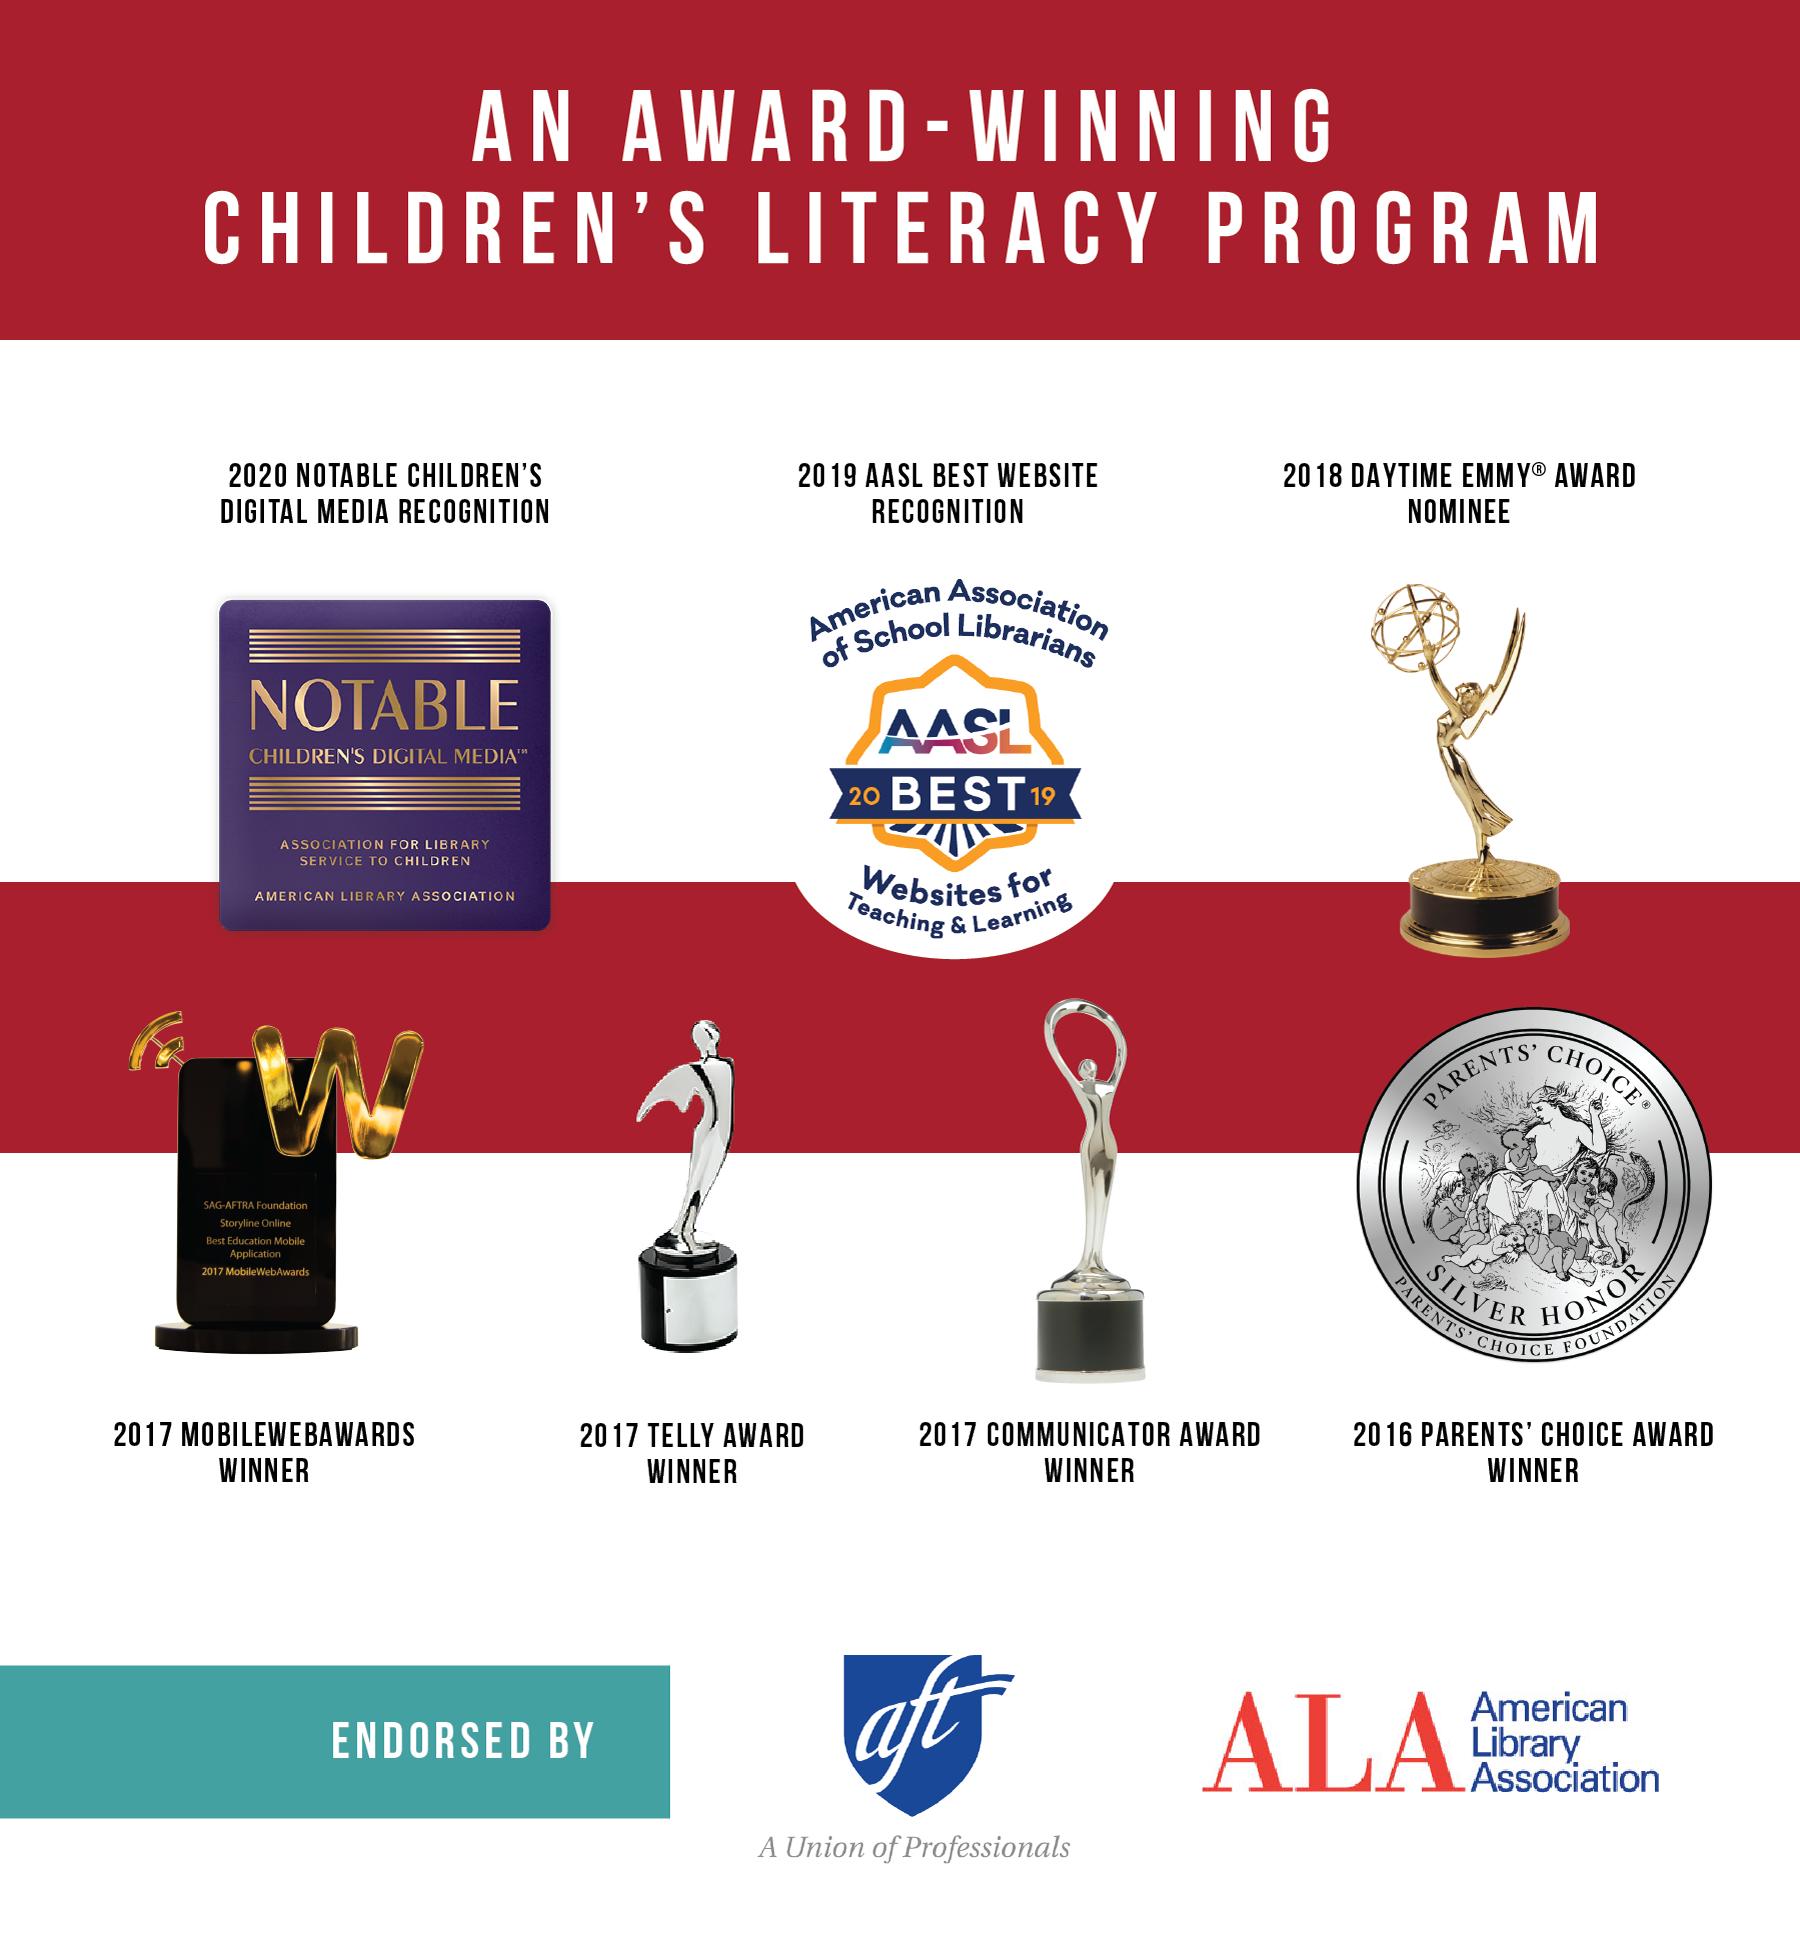 An Award-Winning Children's Literacy Program